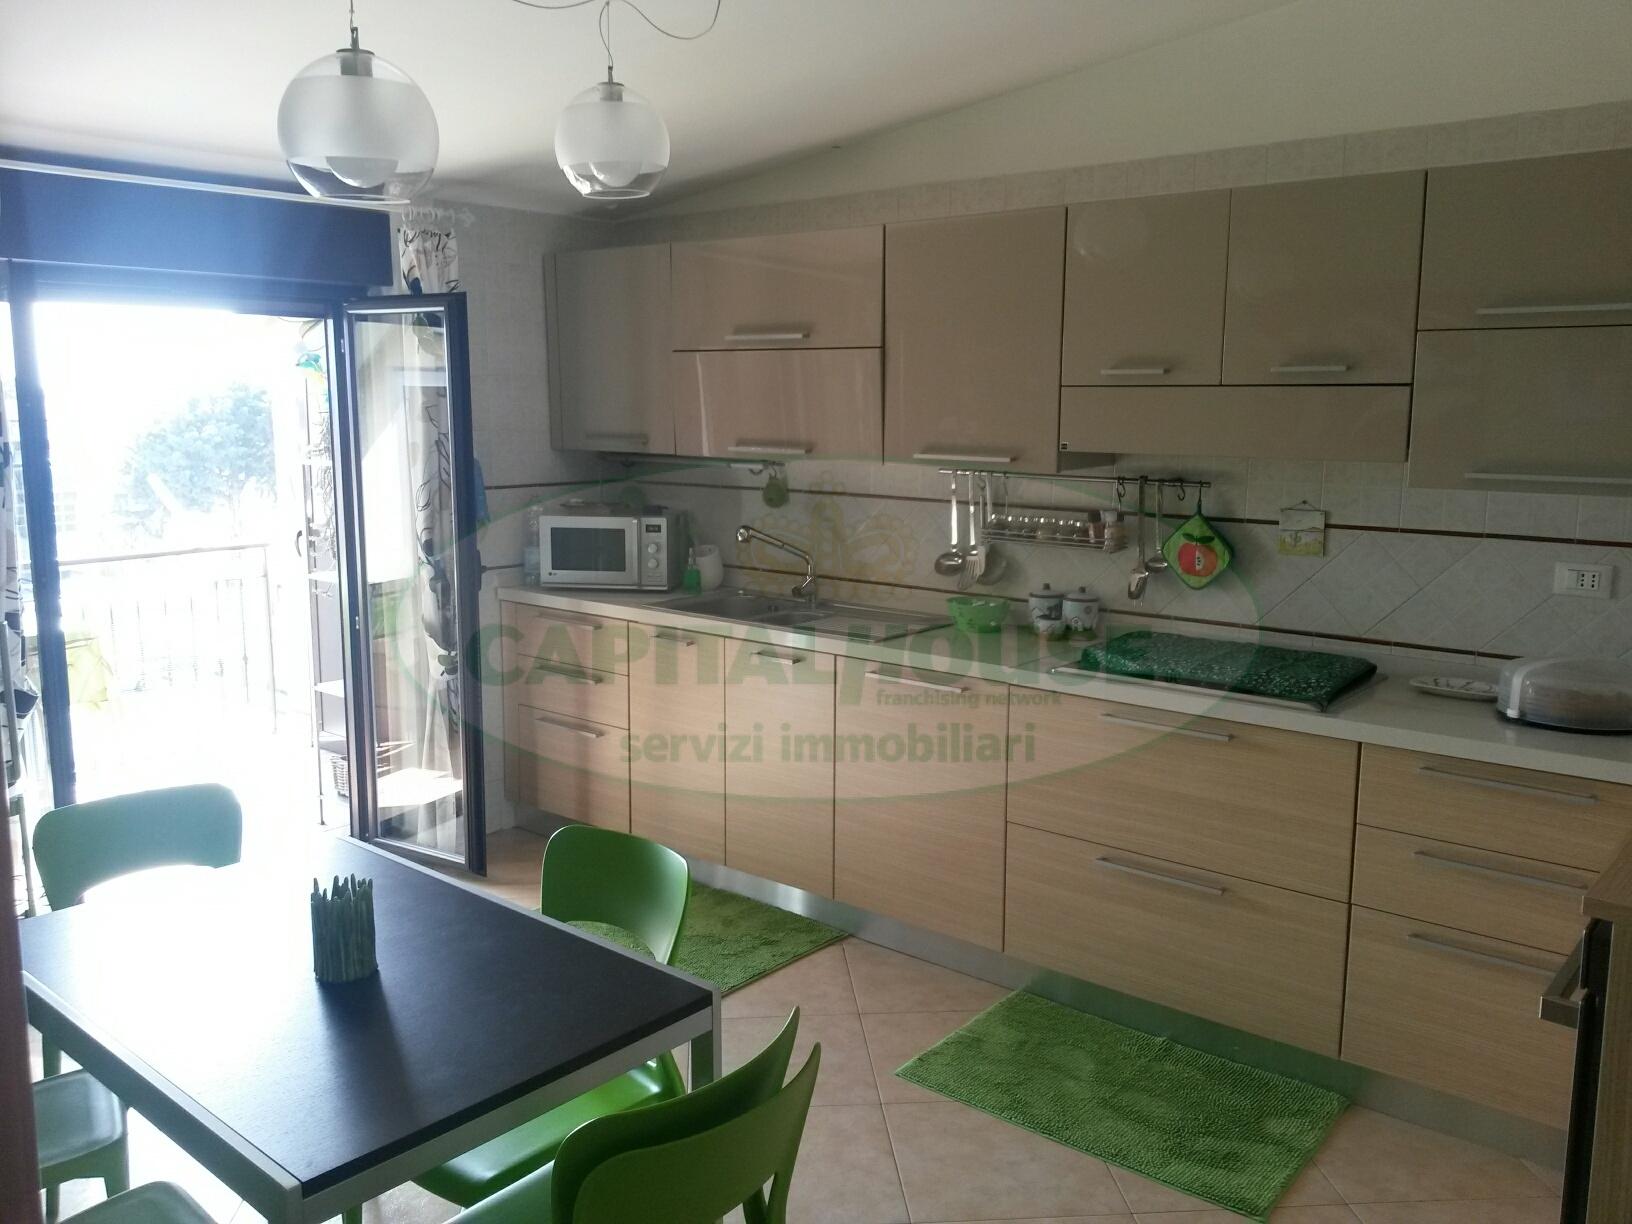 Attico / Mansarda in vendita a Portico di Caserta, 3 locali, prezzo € 119.000 | Cambio Casa.it